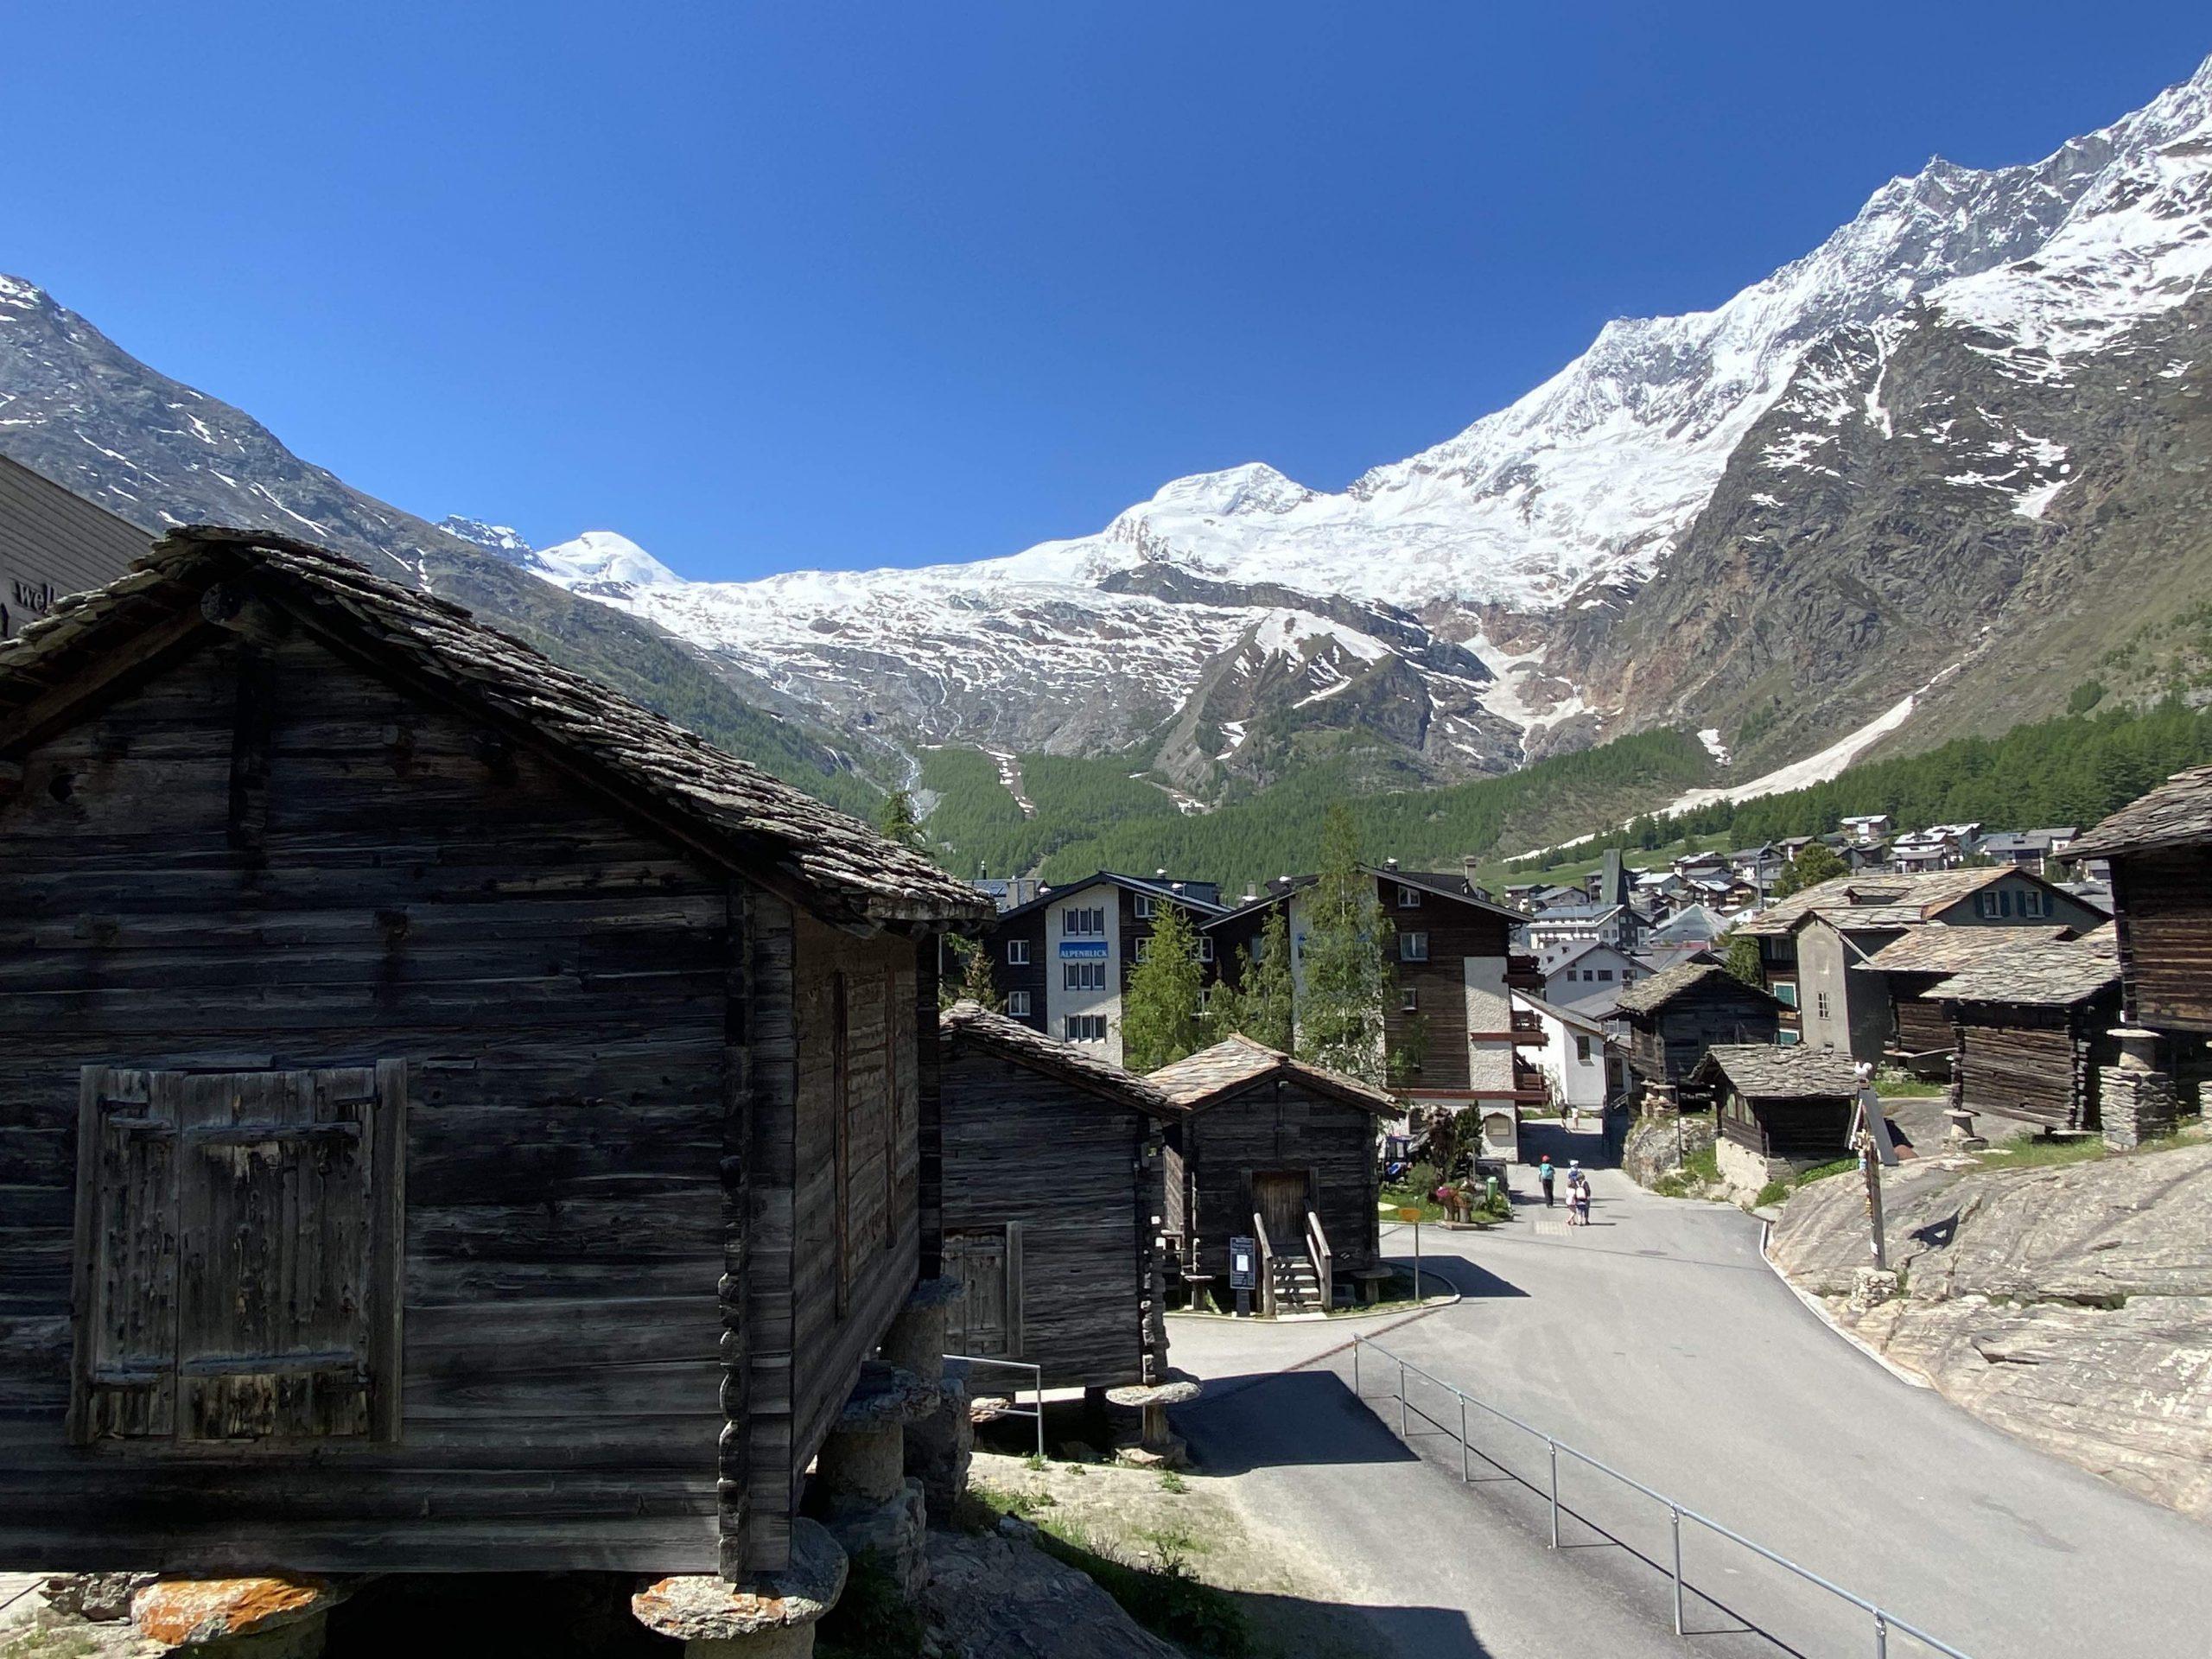 Saas-Fee village